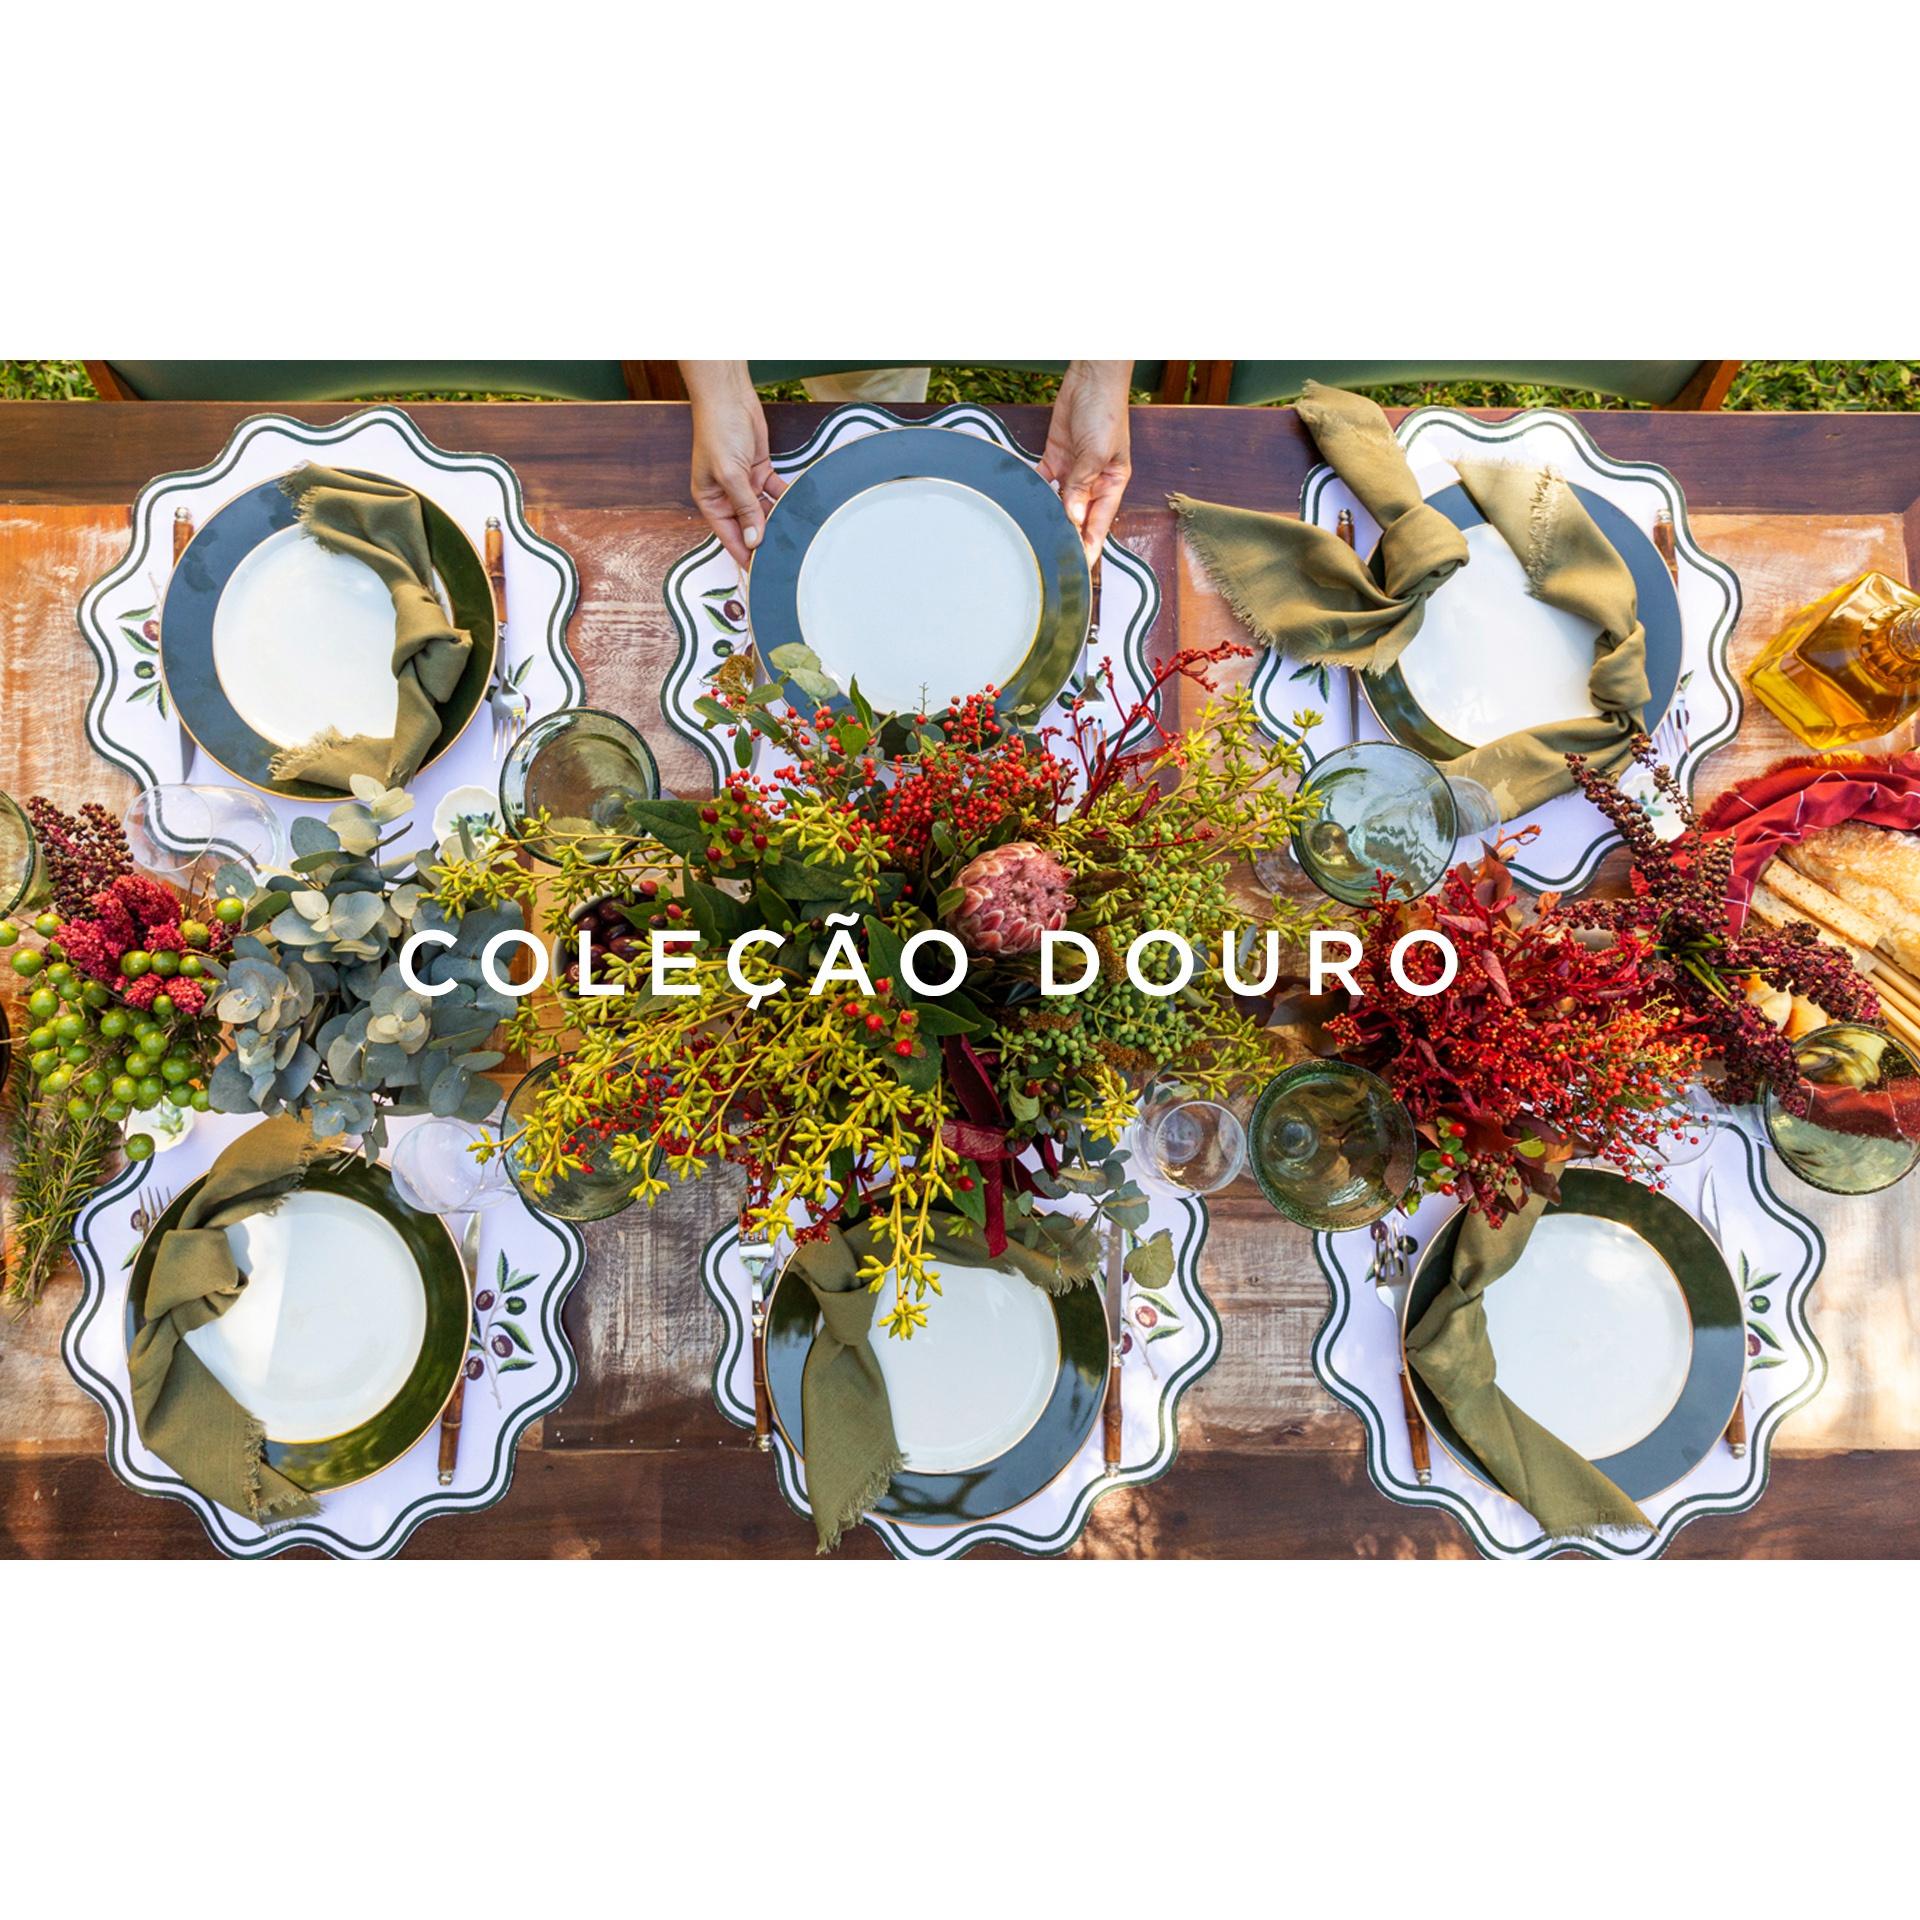 Coleção Douro